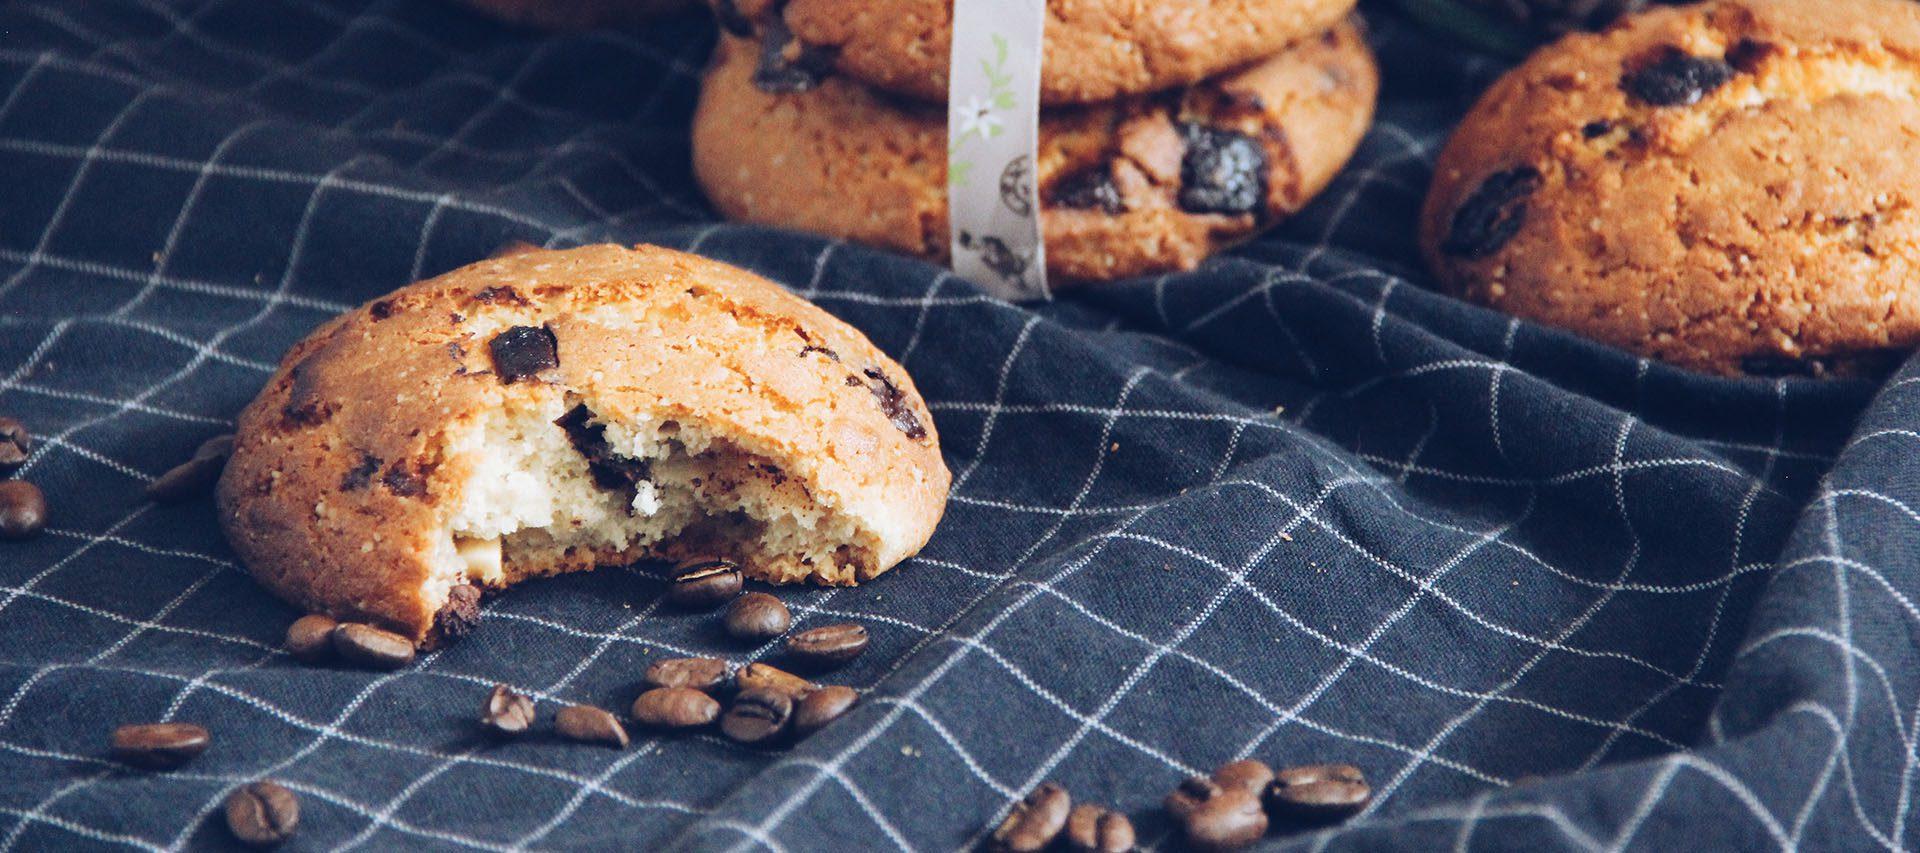 Kekse auf einer Tischdecke